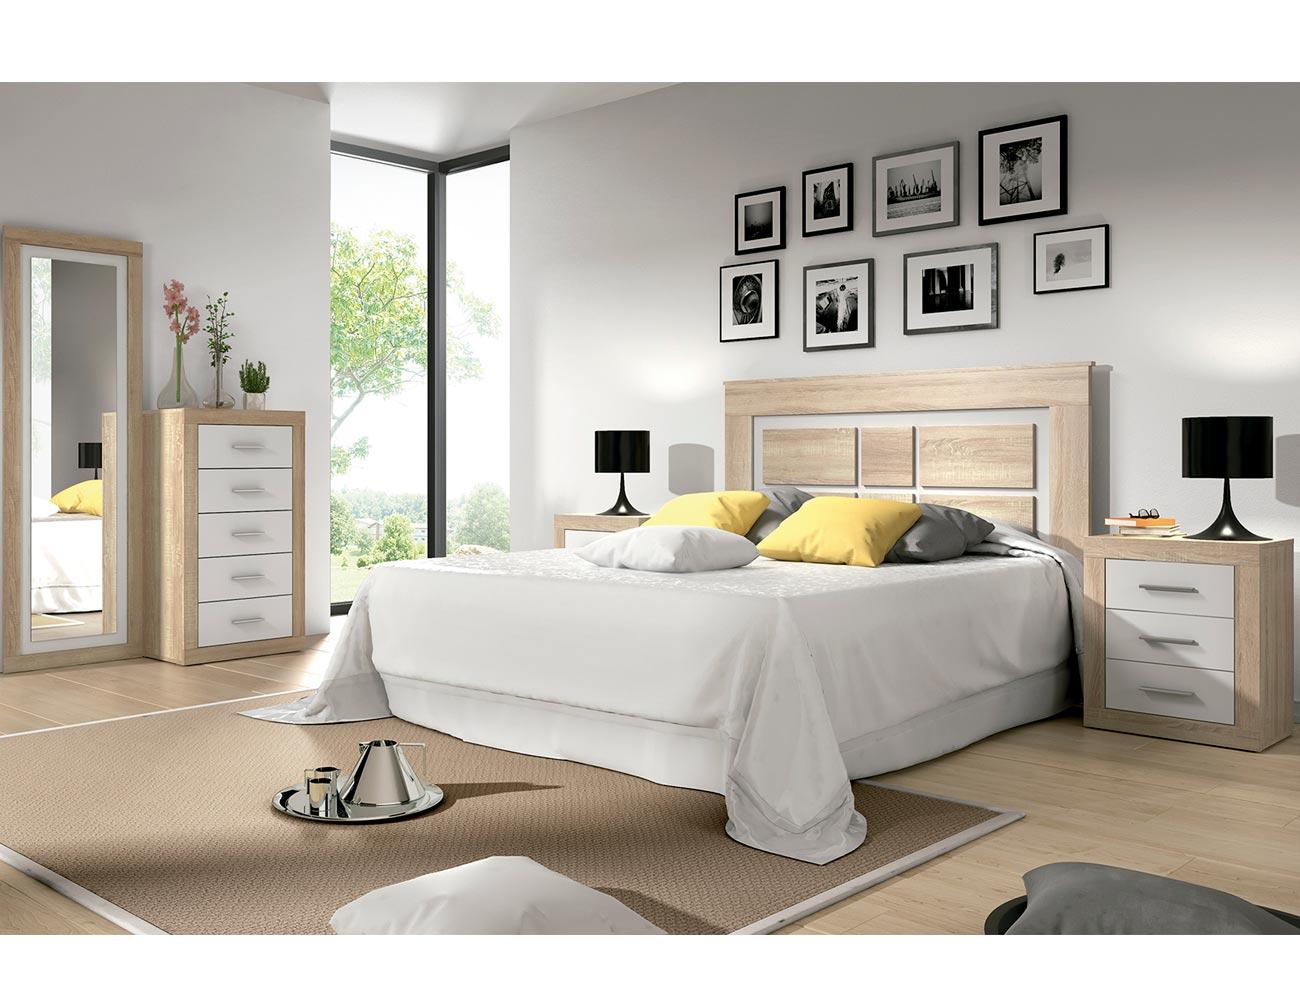 Dormitorio matrimonio estilo moderno cambrian blanco 2134 factory del mueble utrera - Muebles utrera ...